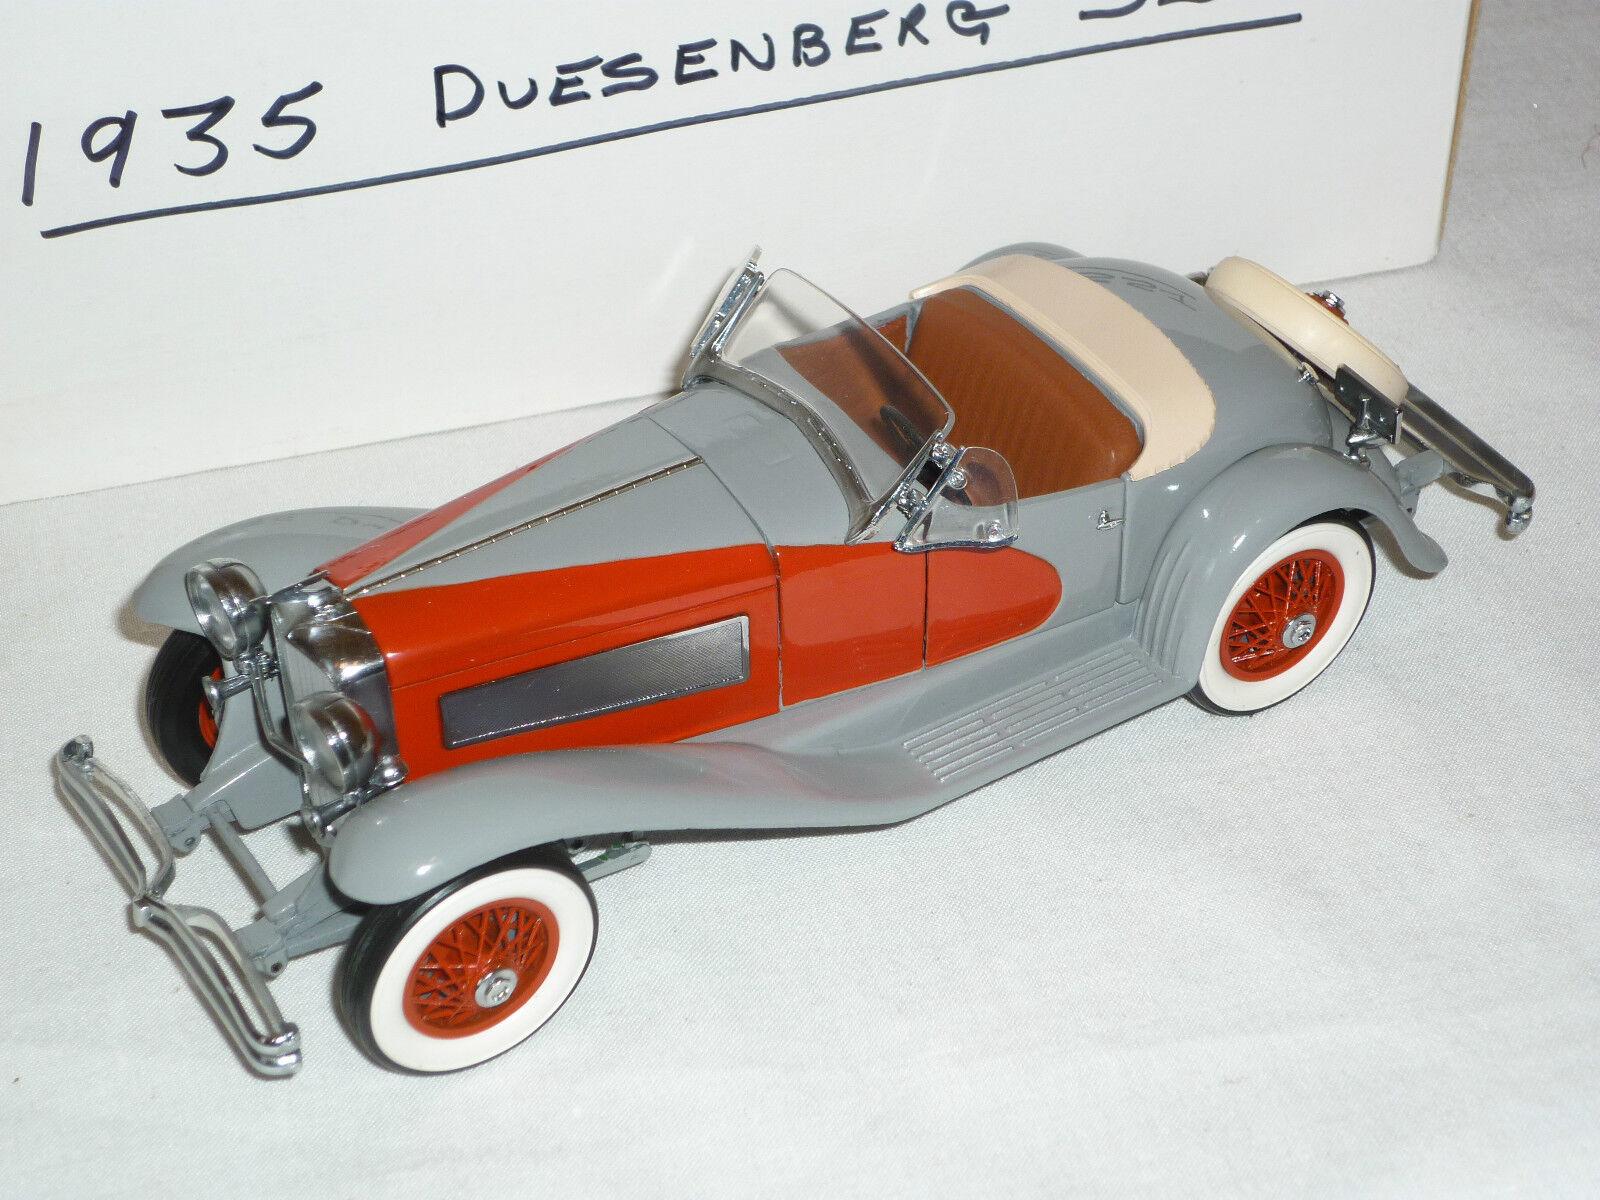 Un Danbury Comme neuf échelle voiture modèle de 1935 Duesenberg SSJ, boxed